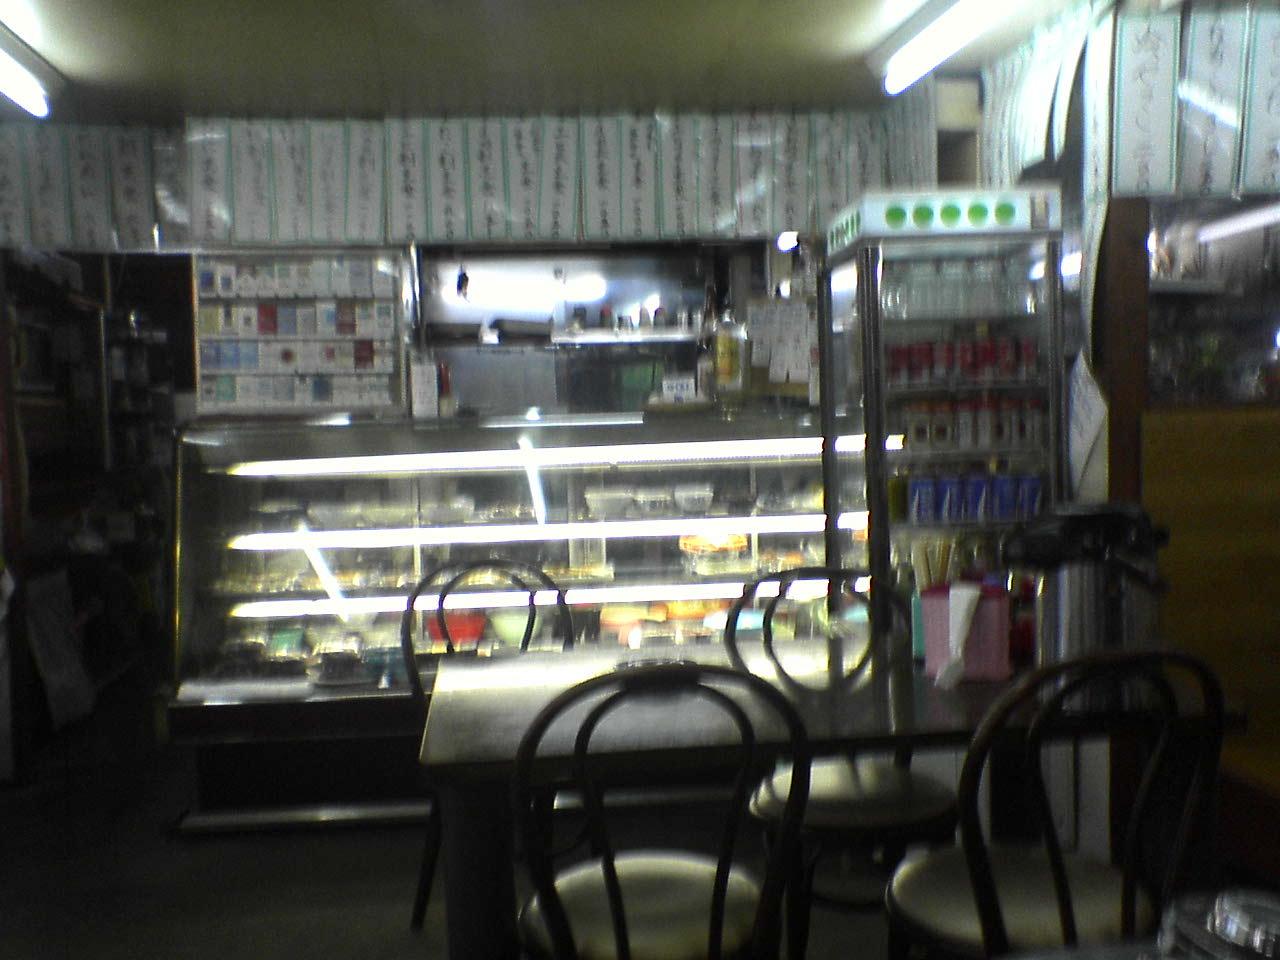 この店は、ラーメン、そばから定食まで何でもある店。ここで飯を食べ、飲んで仮眠するドライバーも多いので、おつまみも充実。